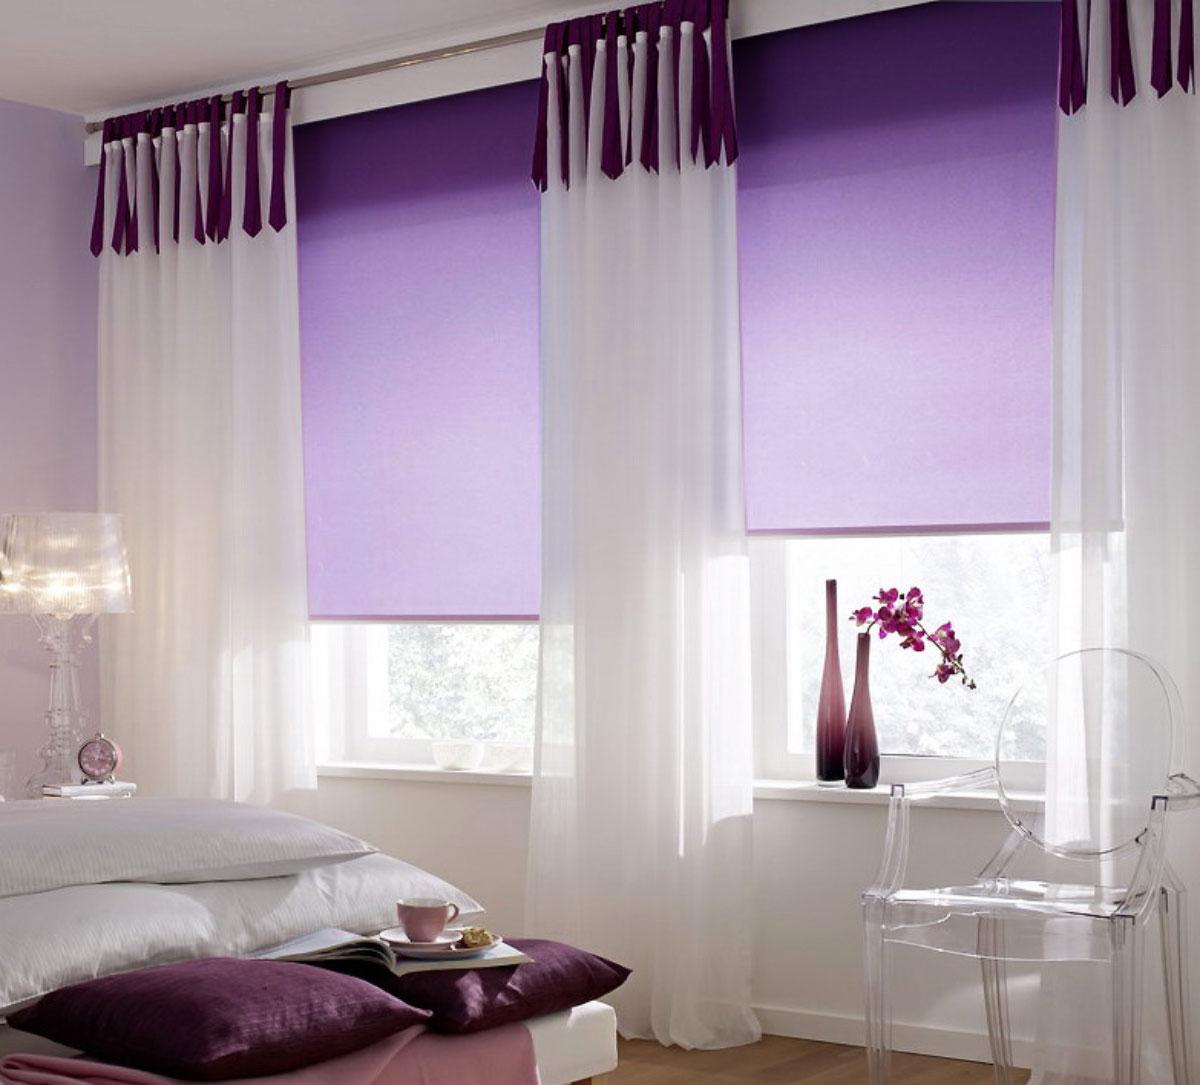 Штора рулонная KauffOrt Миниролло, цвет: фиолетовый, ширина 37 см, высота 170 смSVC-300Рулонная штора Миниролло выполнена из высокопрочной ткани, которая сохраняет свой размер даже при намокании. Ткань не выцветает и обладает отличной цветоустойчивостью.Миниролло - это подвид рулонных штор, который закрывает не весь оконный проем, а непосредственно само стекло. Такие шторы крепятся на раму без сверления при помощи зажимов или клейкой двухсторонней ленты (в комплекте). Окно остается на гарантии, благодаря монтажу без сверления. Такая штора станет прекрасным элементом декора окна и гармонично впишется в интерьер любого помещения.